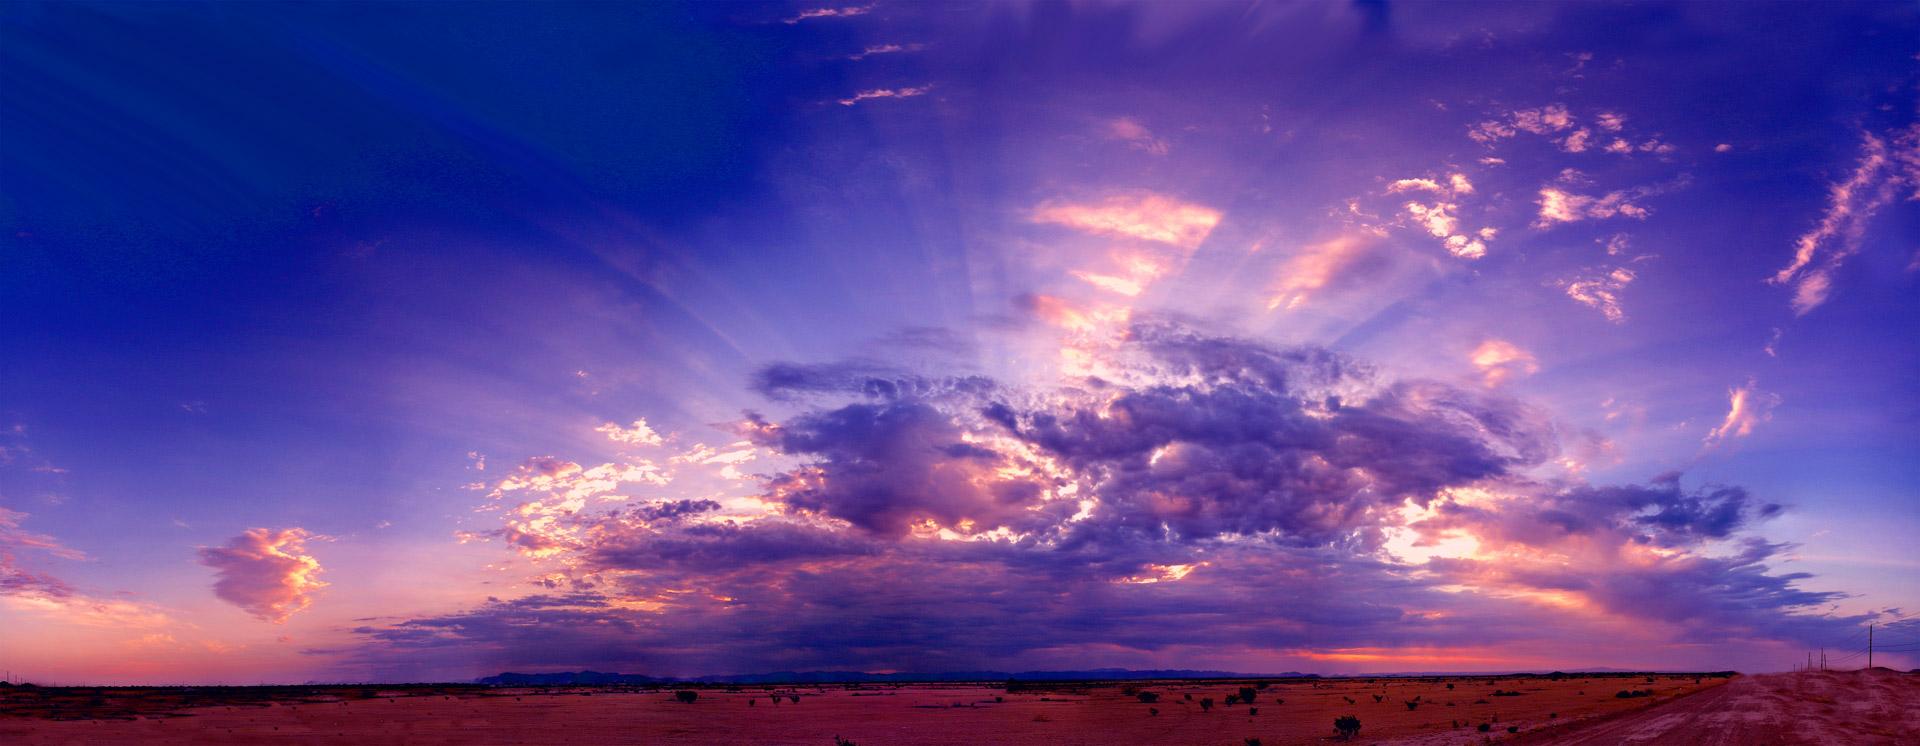 desert-sunrise-7-1-12e